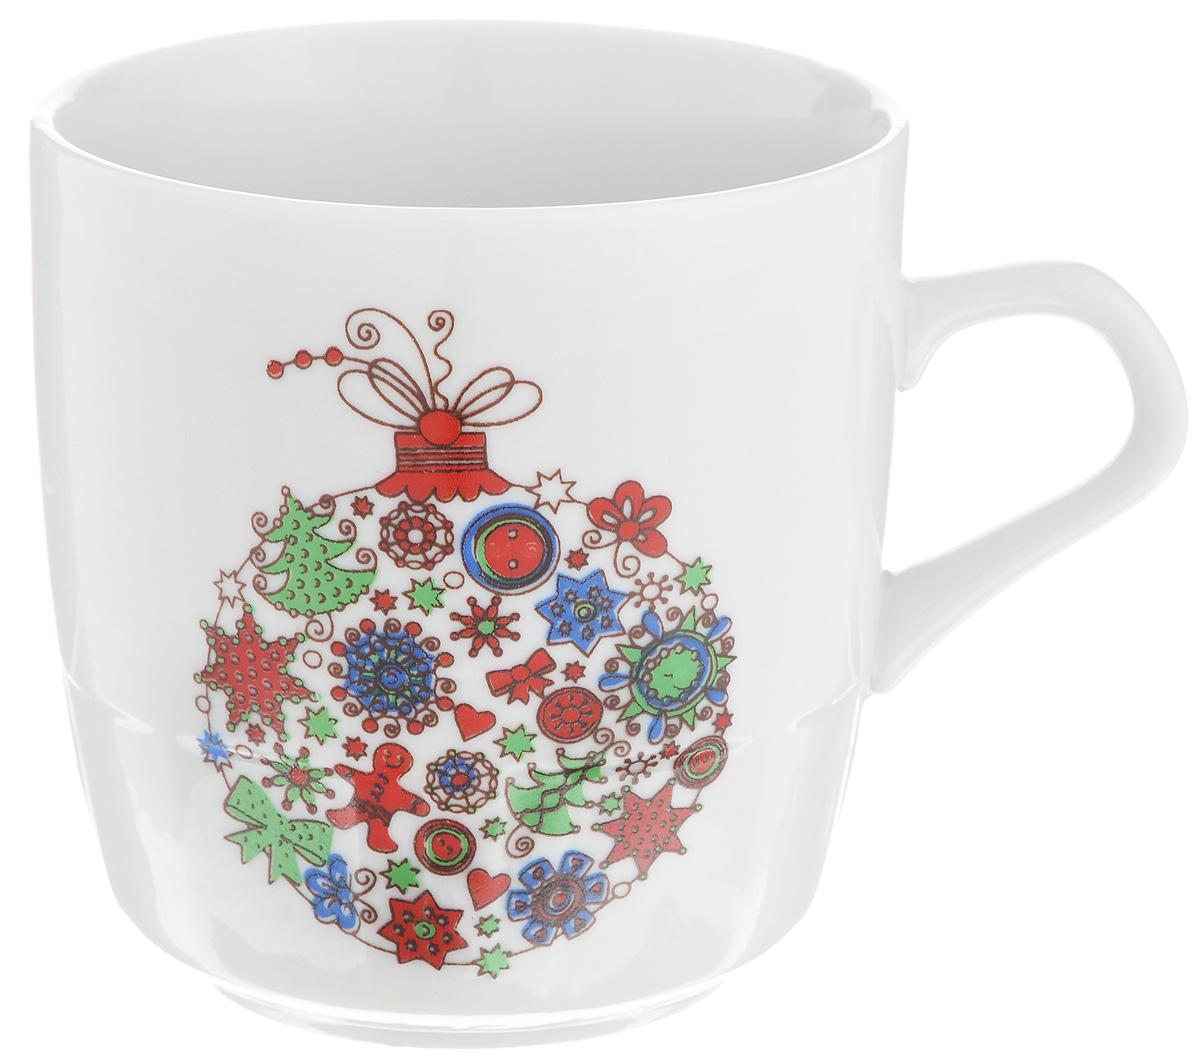 Кружка Фарфор Вербилок Разноцветные шары, 250 мл5813140Кружка Фарфор Вербилок Разноцветные шары способна скрасить любое чаепитие. Изделие выполнено из высококачественного фарфора. Посуда из такого материала позволяет сохранить истинный вкус напитка, а также помогает ему дольше оставаться теплым.Диаметр по верхнему краю: 8 см.Высота кружки: 8,5 см.